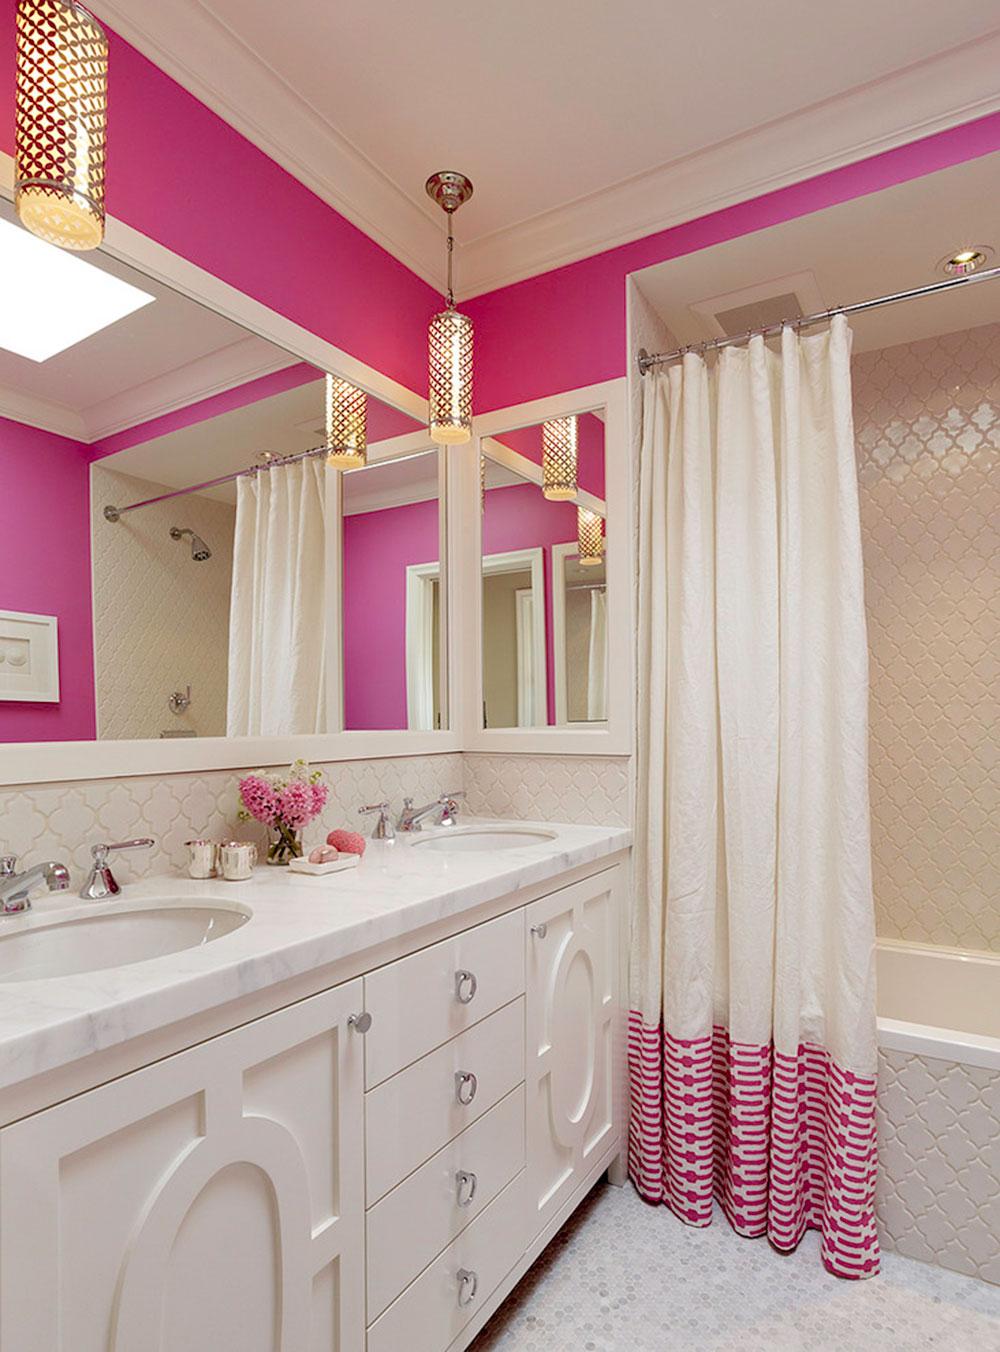 Förbättra ditt badrumsutseende med trendiga duschdraperier 5 trendiga duschdraperier för ditt badrum